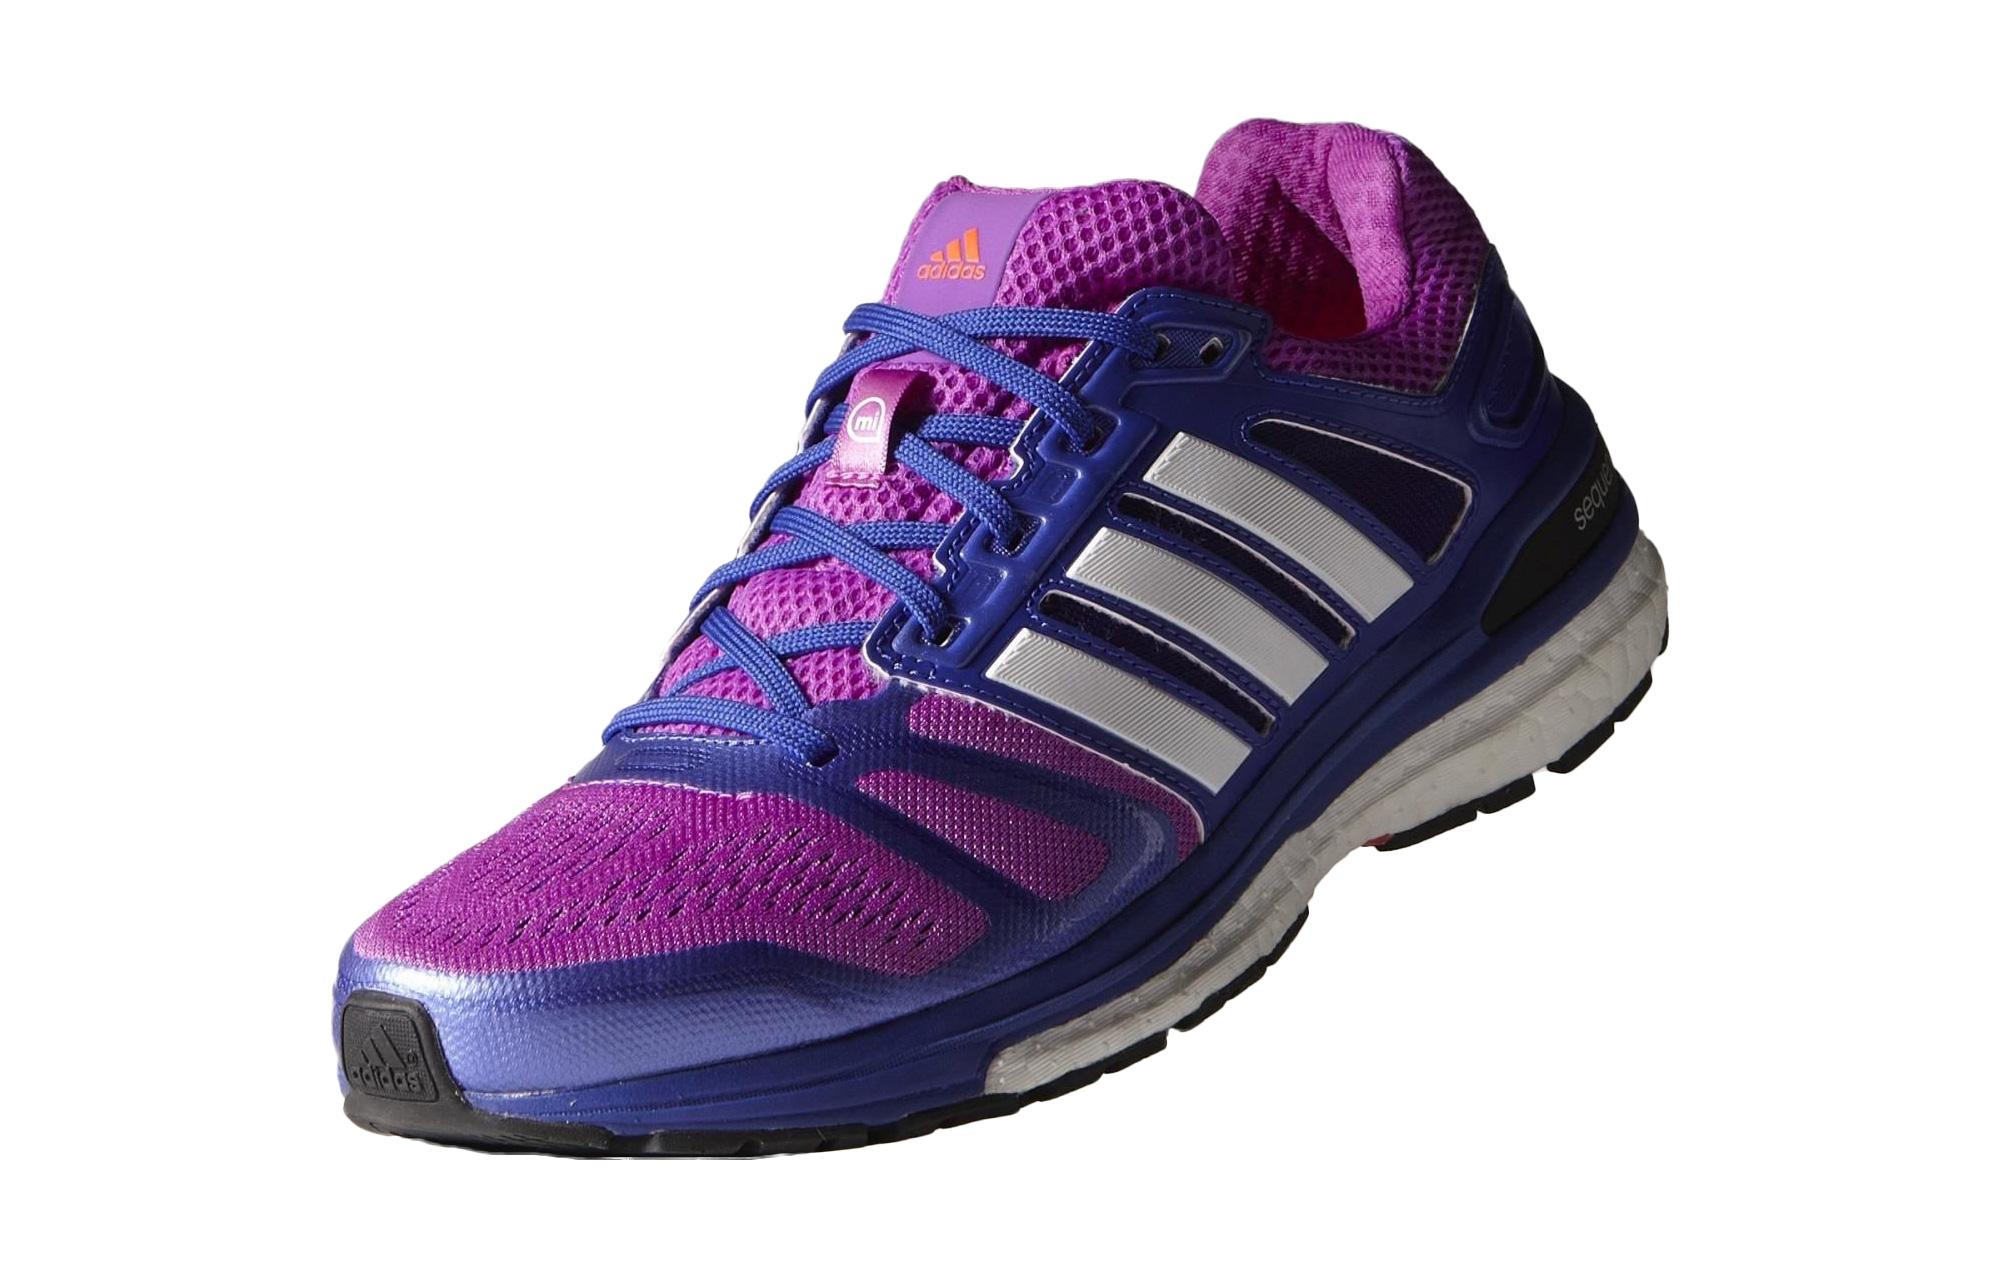 adidas Chaussures Supernova Sequence 7 Boost Violet Bleu Femme